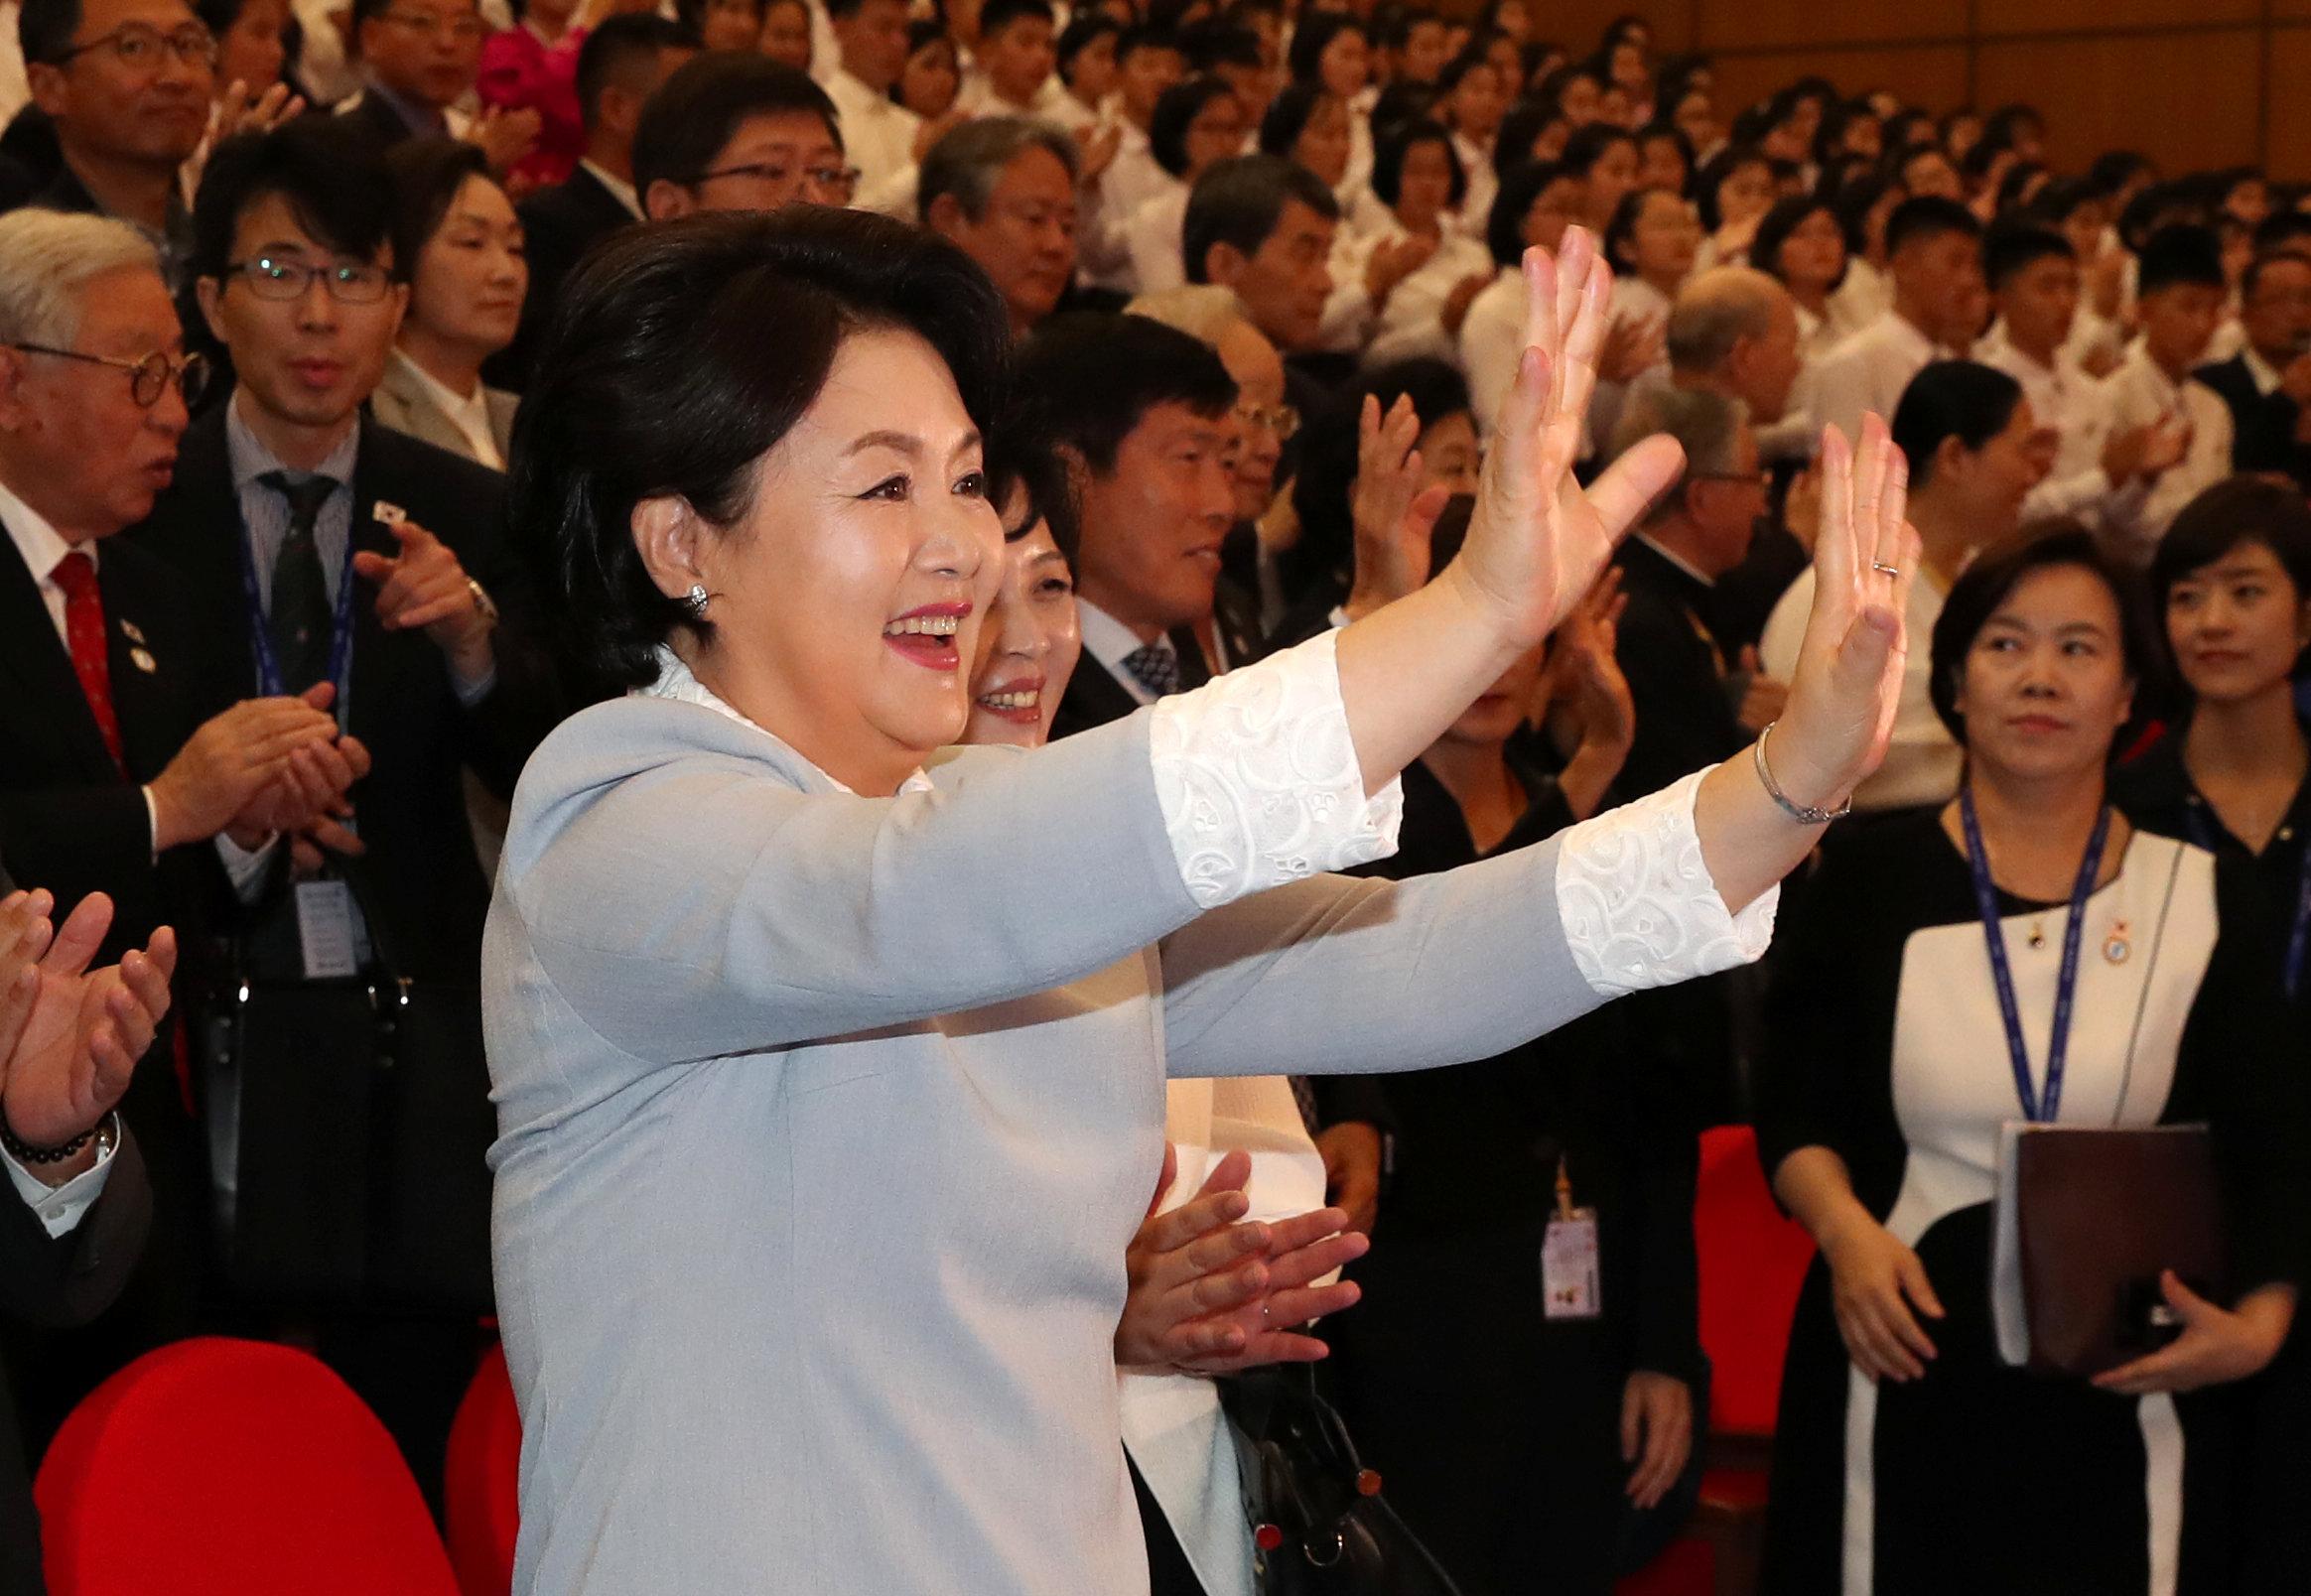 زوجة رئيس كوريا الجنوبية تحيى الأطفال المشاركين فى عرض مسرحى